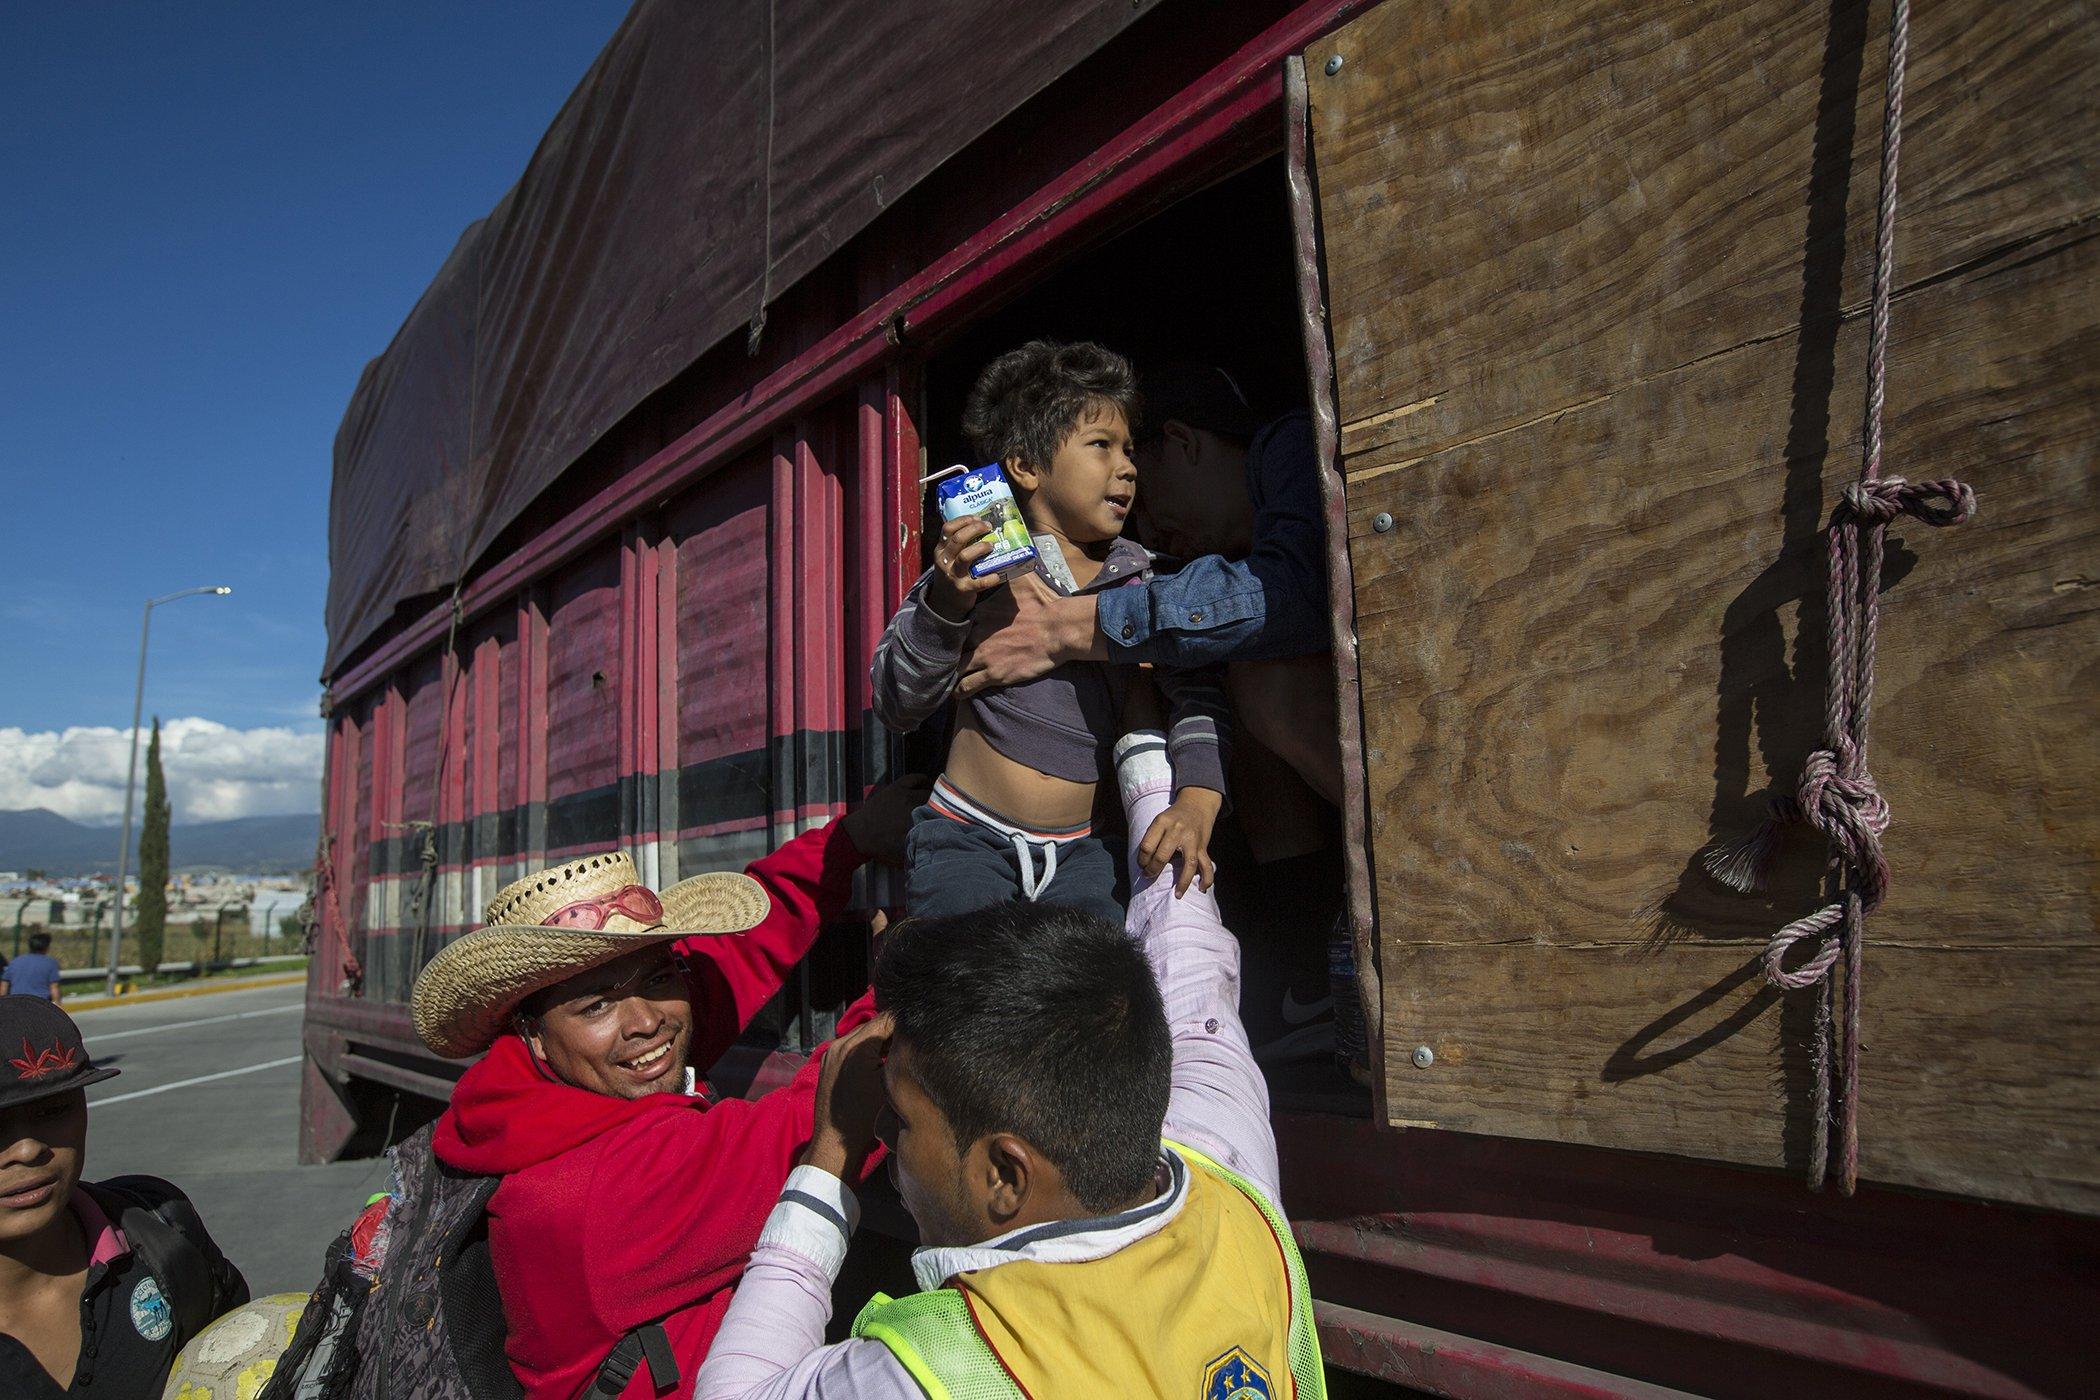 Central-America-Migrant-Caravan-November-2018.jpg